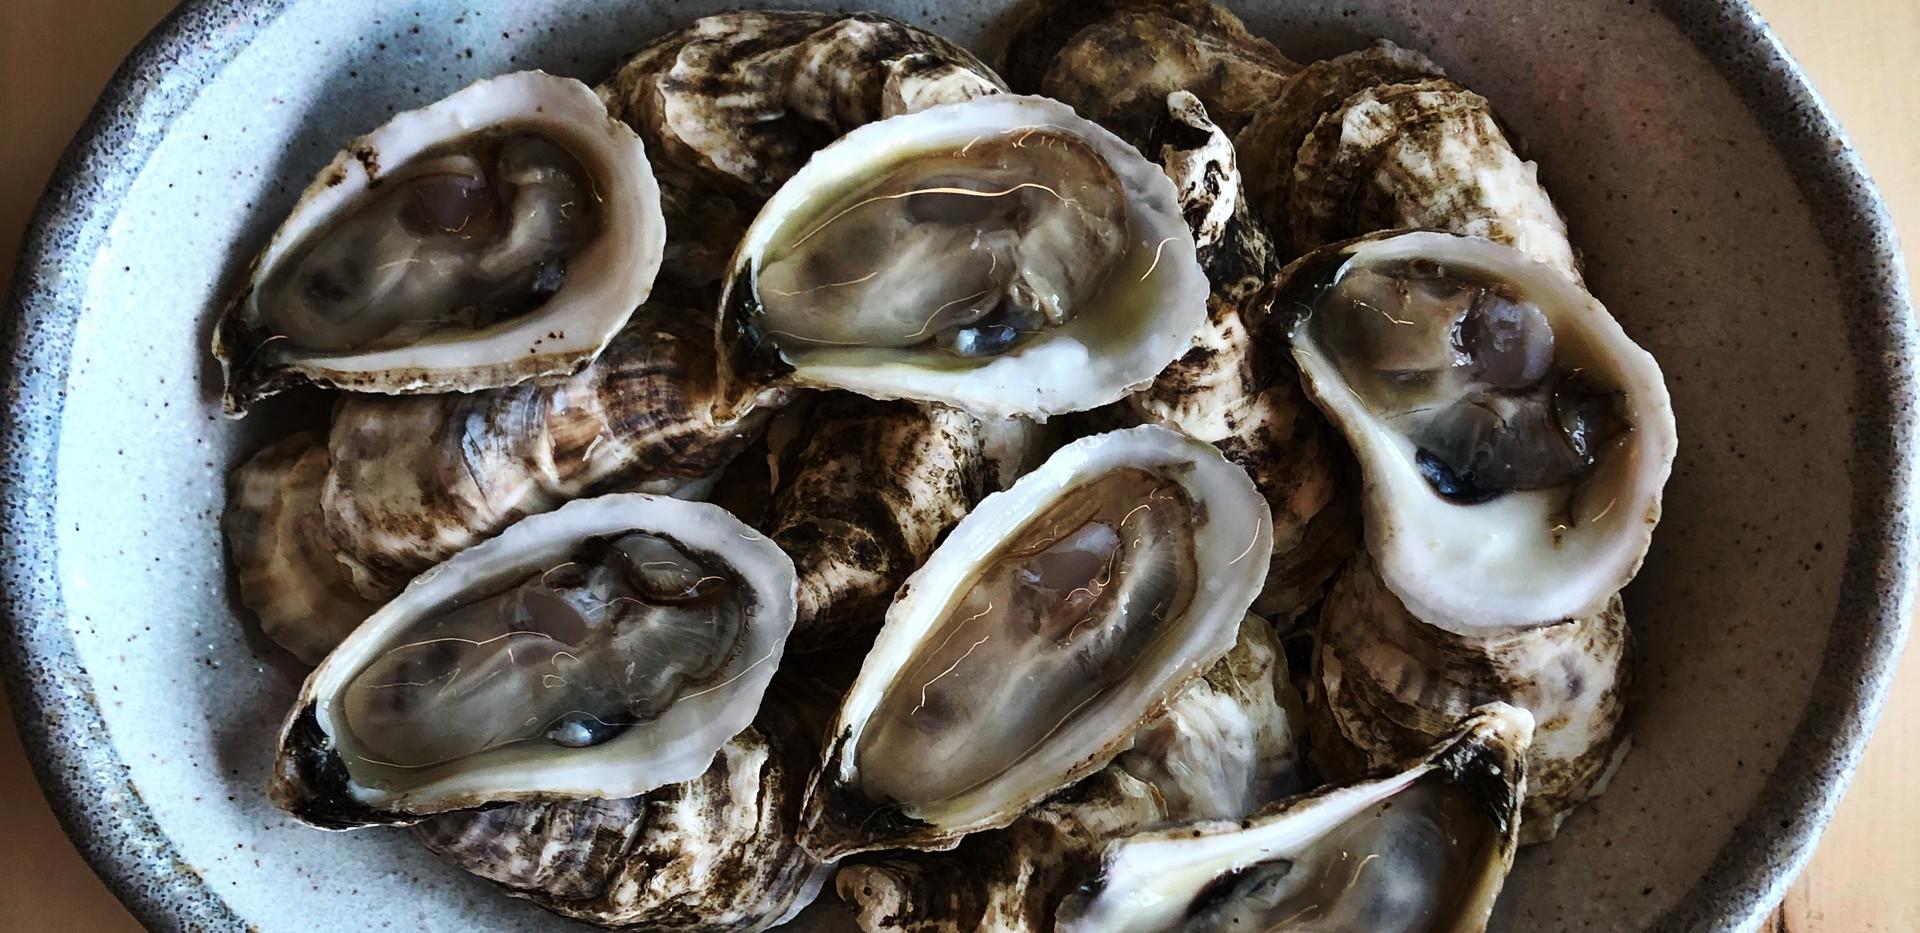 P.E.I Oysters